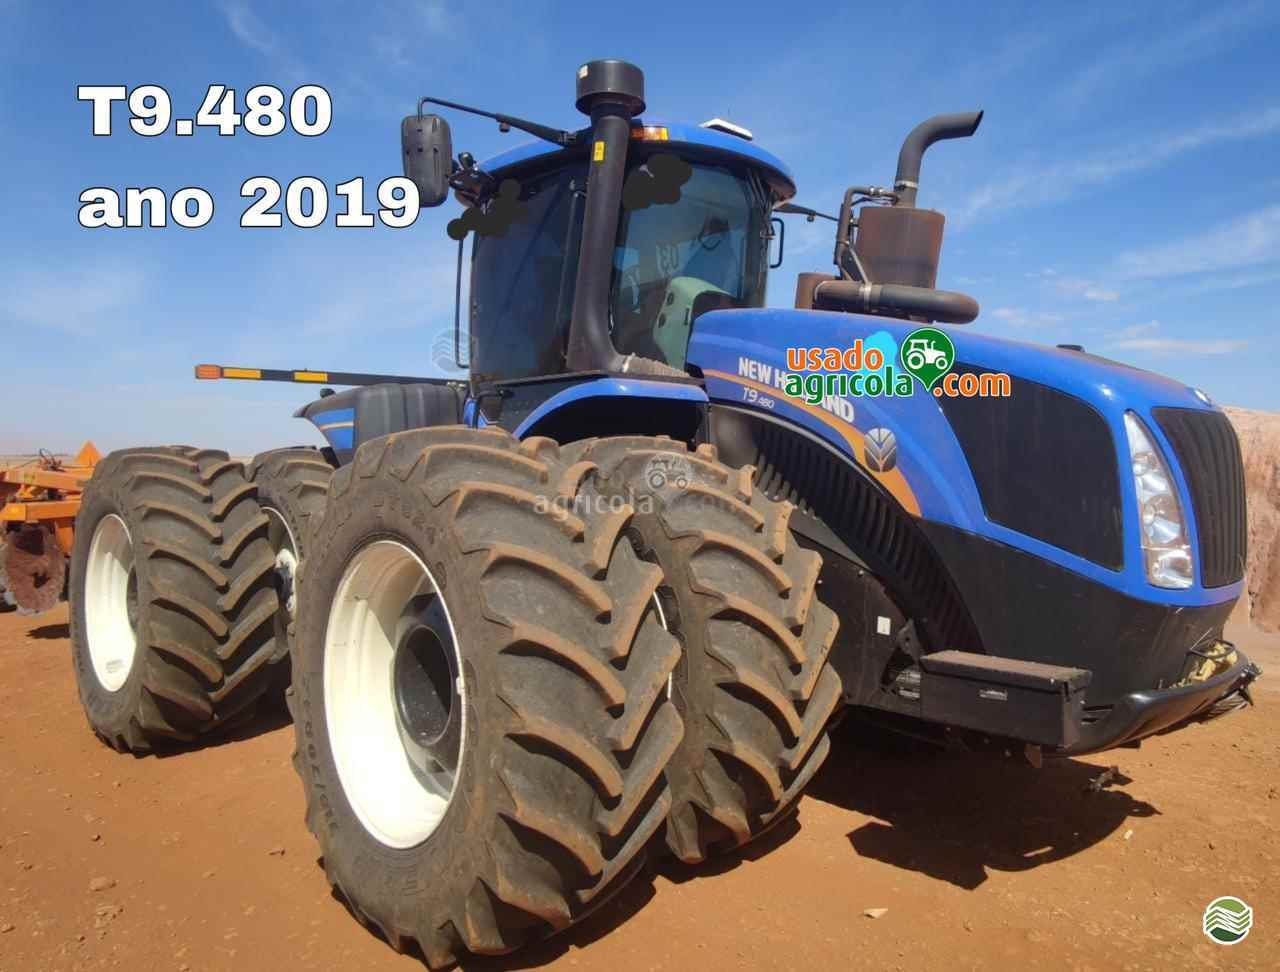 TRATOR NEW HOLLAND NEW T9 480 Tração 4x4 Usado Agrícola LUCAS DO RIO VERDE MATO GROSSO MT